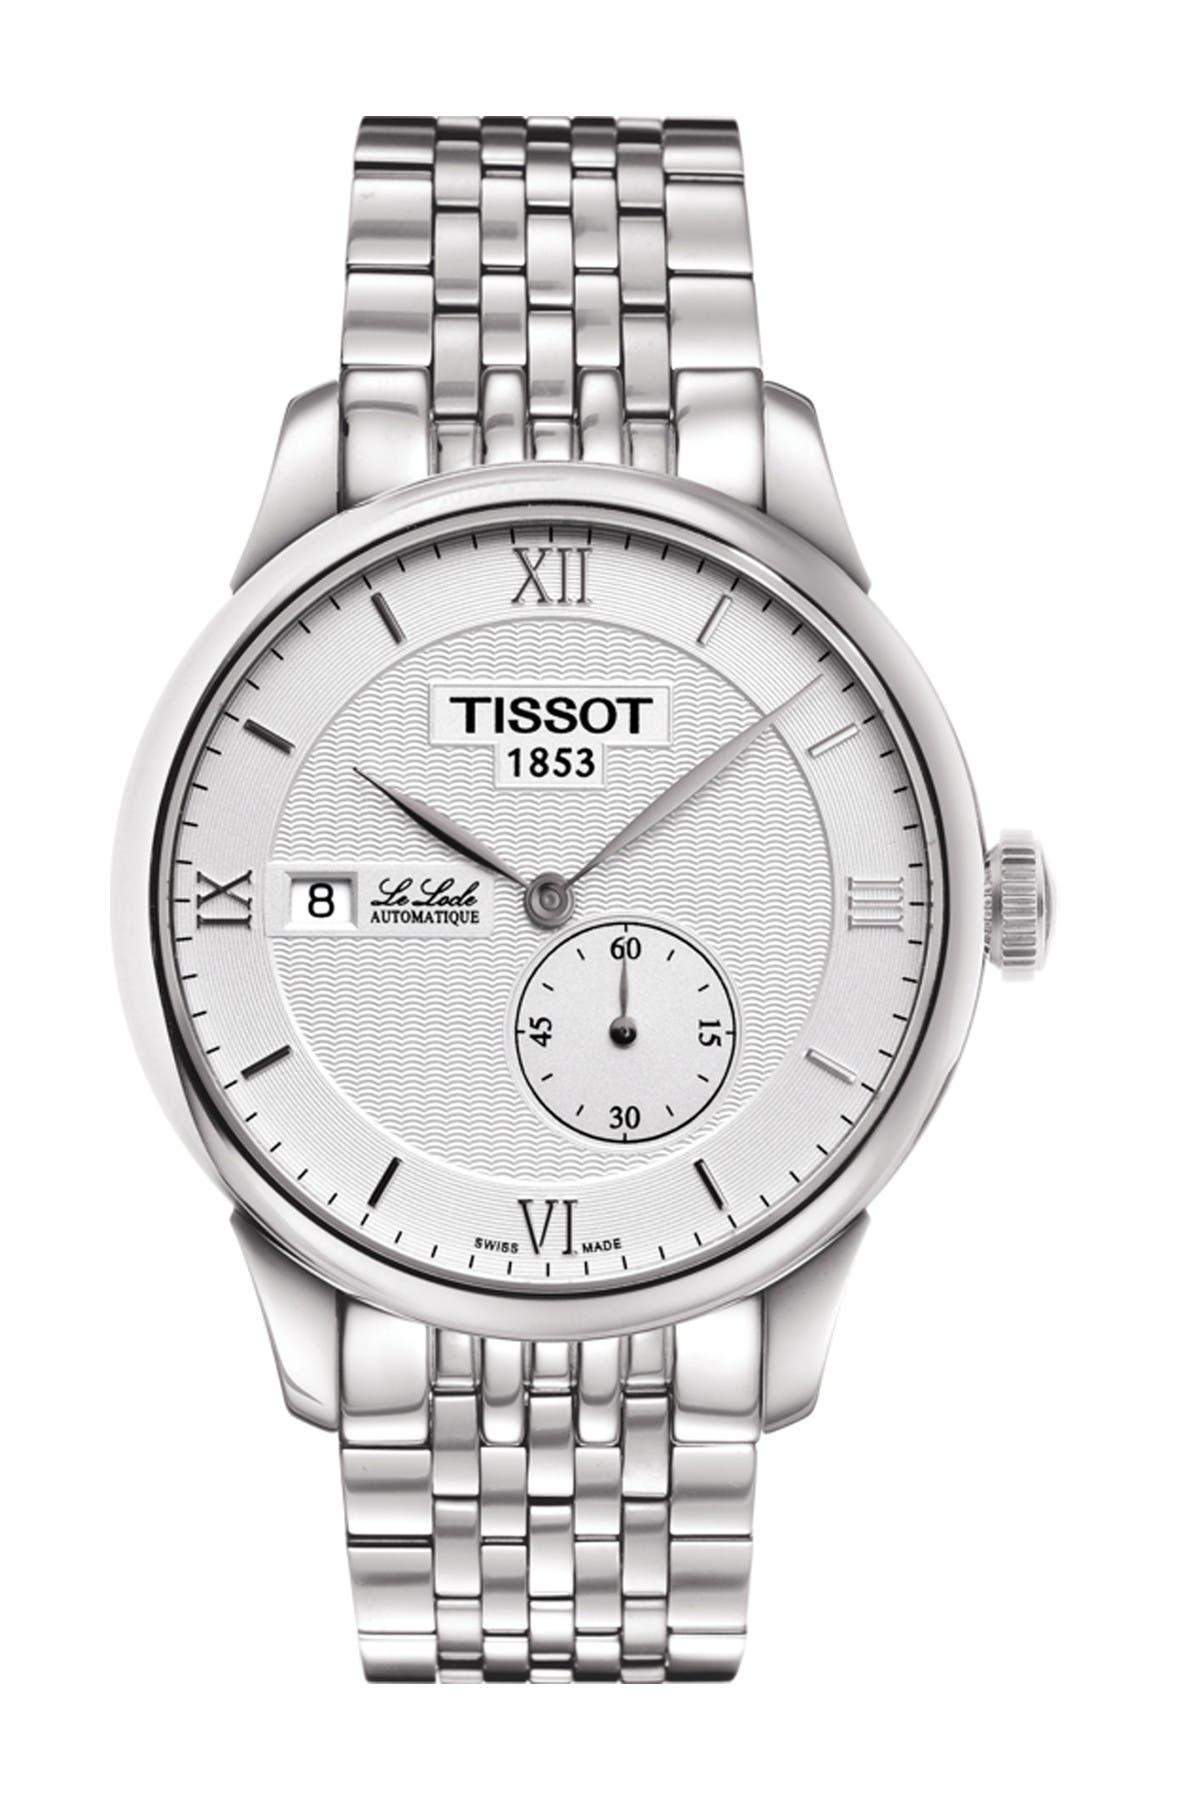 Image of Tissot Men's Le Locle Automatic Petite Seconde Bracelet Watch, 39.3mm